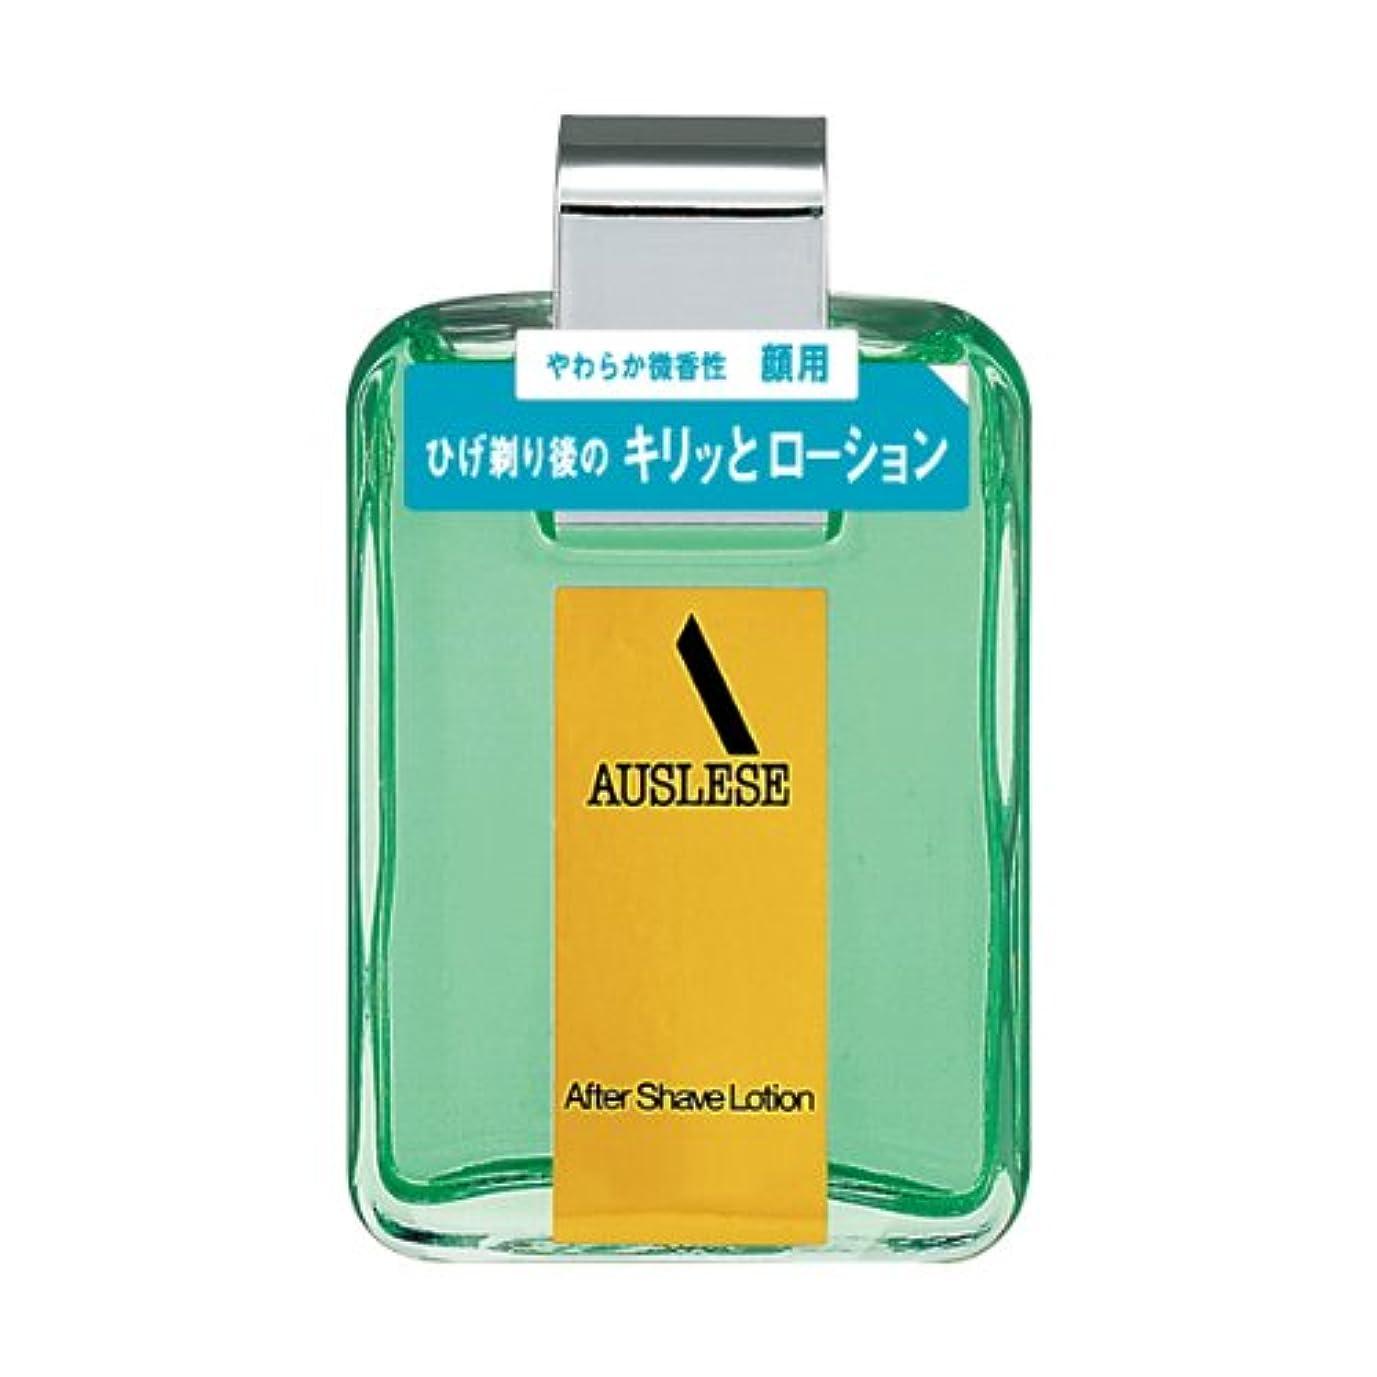 葉巻鎮痛剤終点アウスレーゼ アフターシェーブローションNA 100mL 【医薬部外品】